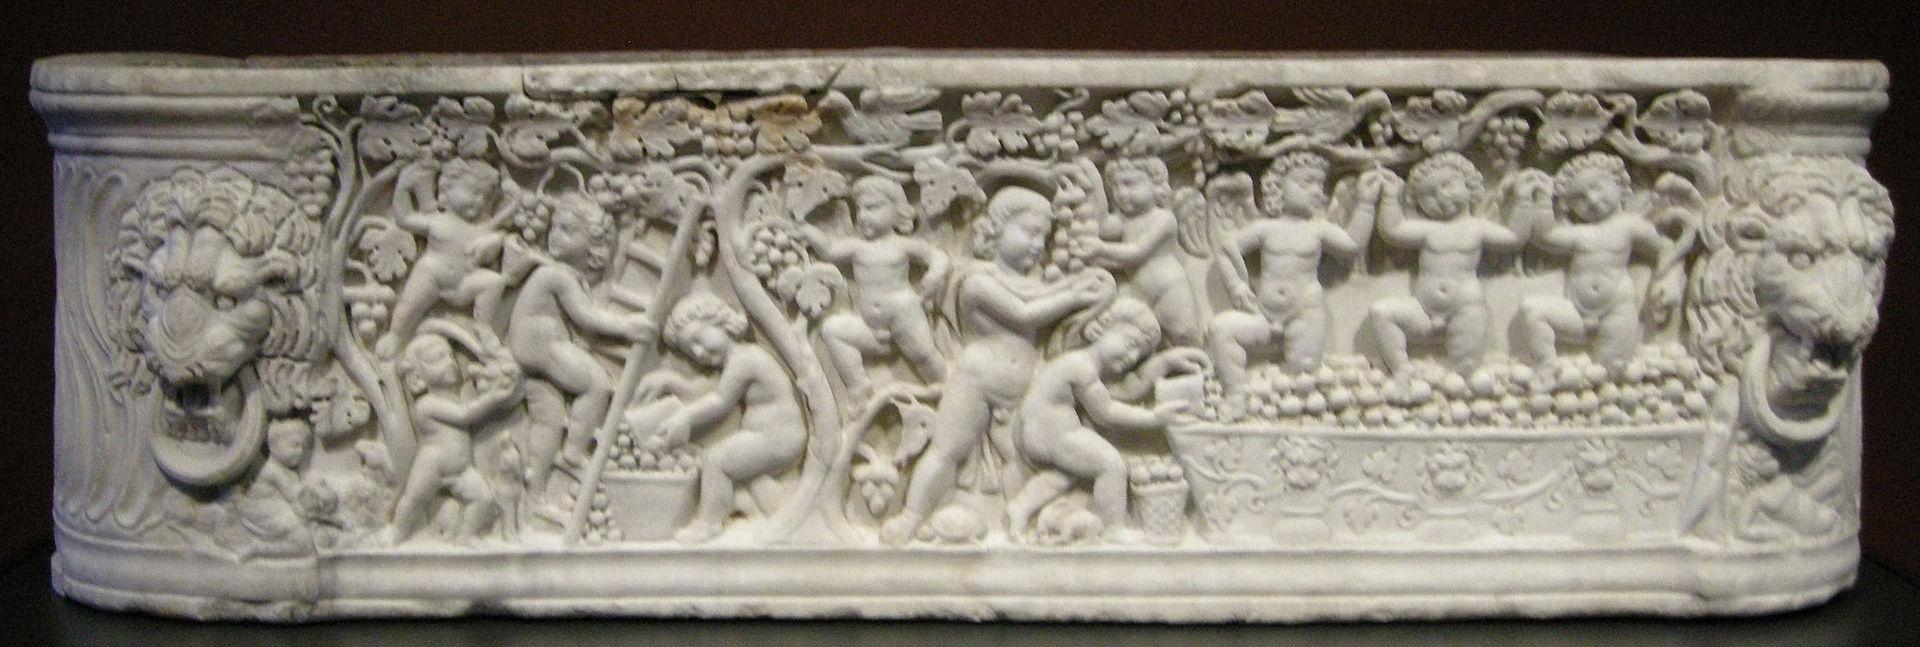 3 290-t Arte_romana,_sarcofago_con_scene_di_vendemmia,_290-300_ca.,_01.JPG